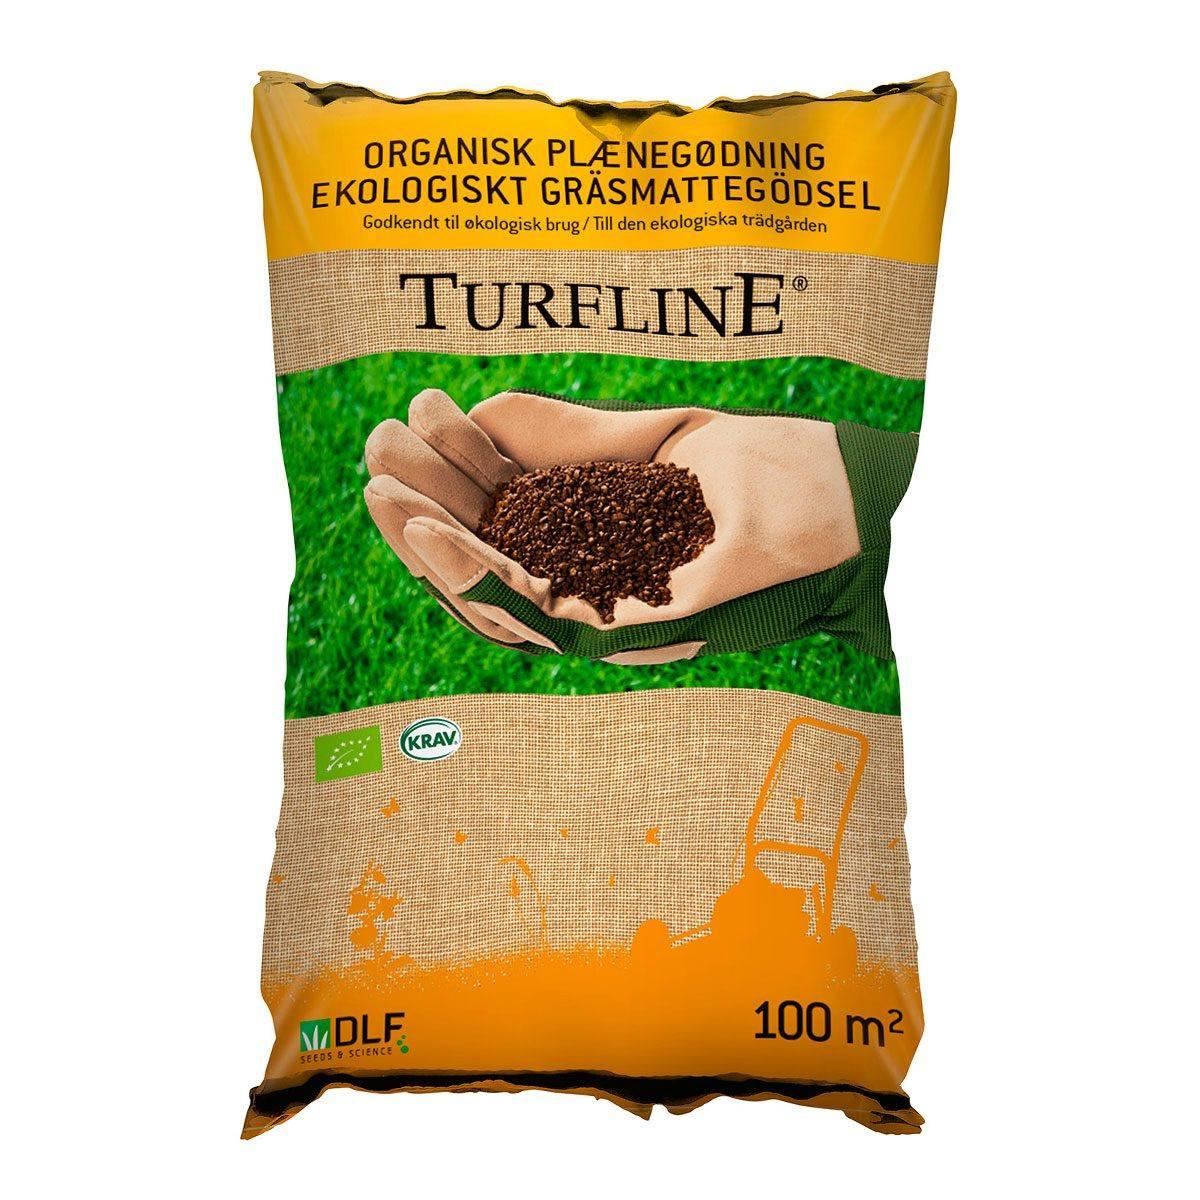 Turfline organisk plænegødning - 100 m2 - Godkendt til økologisk brug